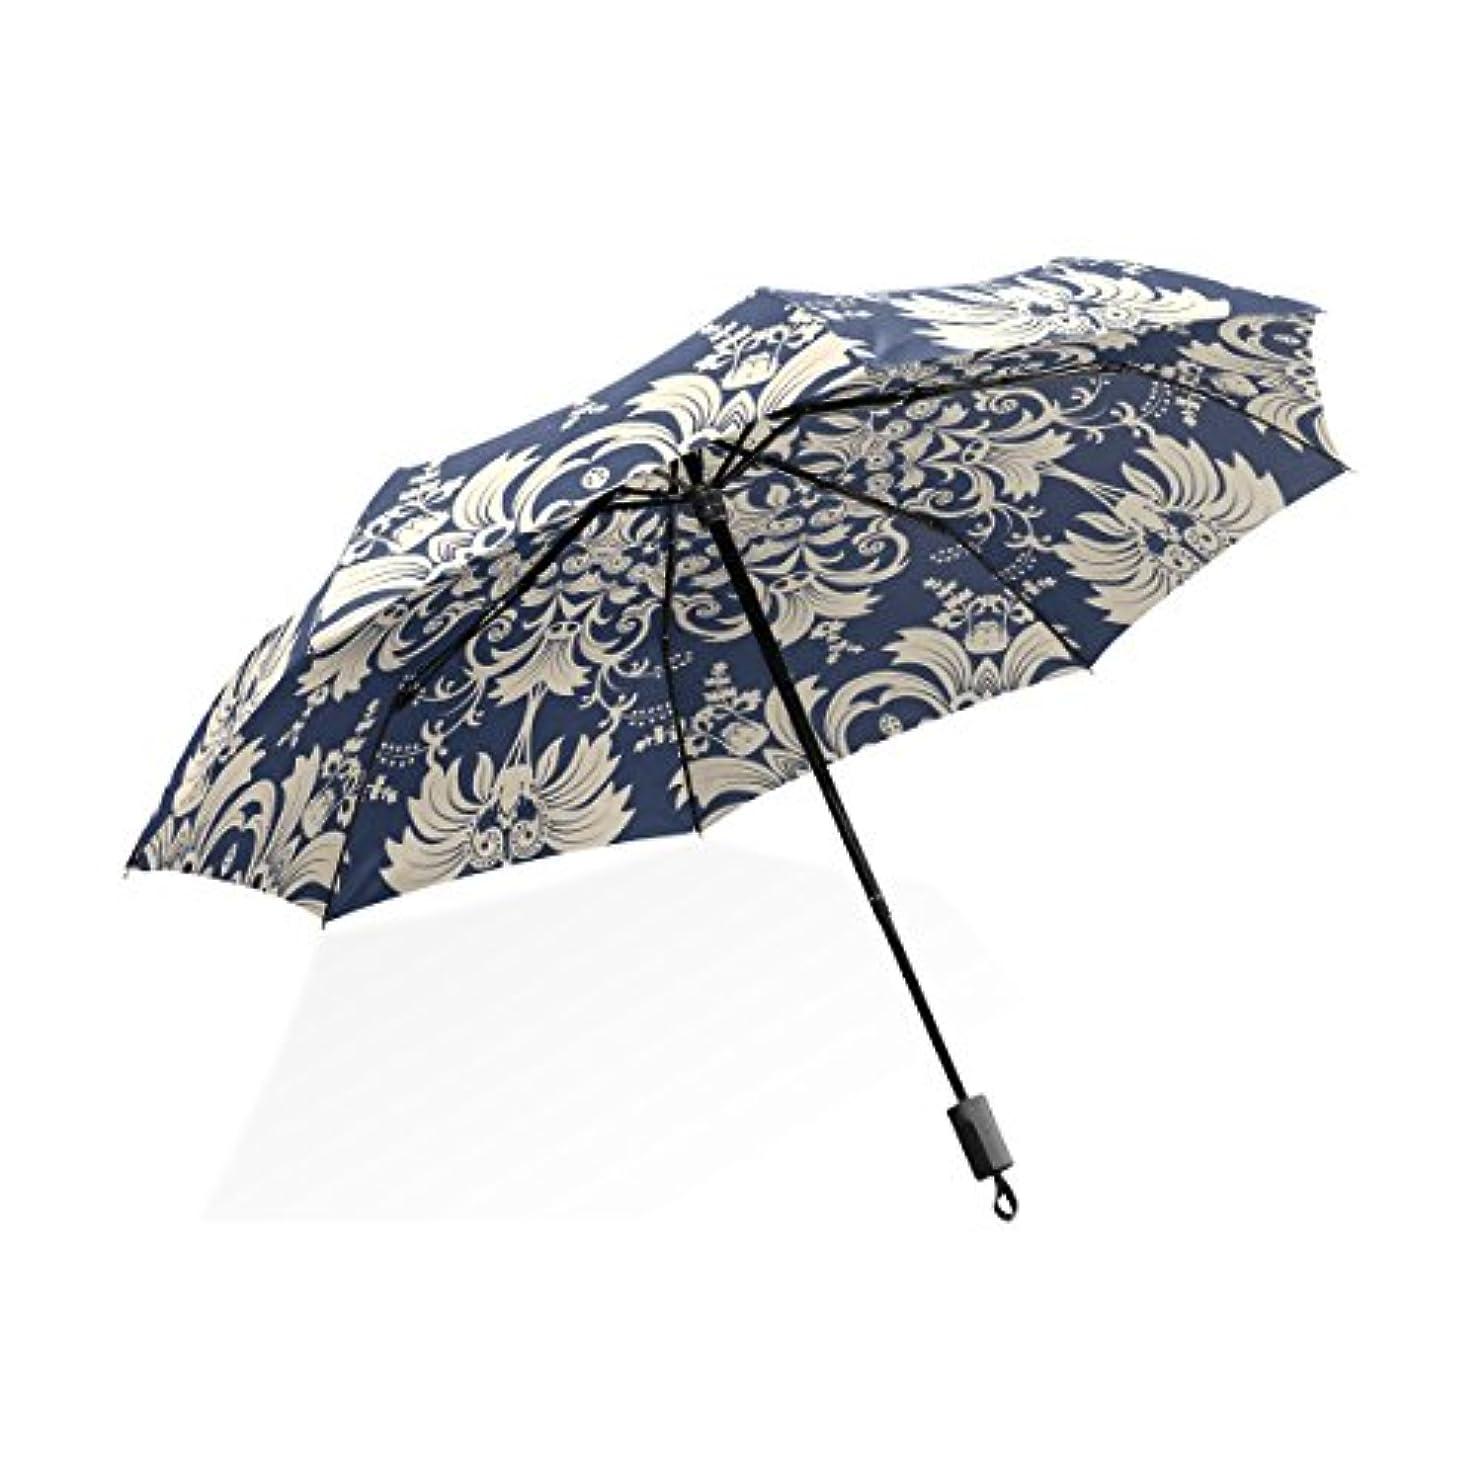 マインド大胆不敵むしゃむしゃHMWR(ヒマワリ) ビンテージ レトロ クラシック 復古風 優雅 エレガント ボヘミア ペイズリー柄 花柄 和柄 和風 レディース 女性用 女の子 三つ折り傘 折りたたみ傘 耐強風 軽量 撥水性 大きい 手動開閉 雨傘 日傘 晴雨兼用 携帯用 かさ